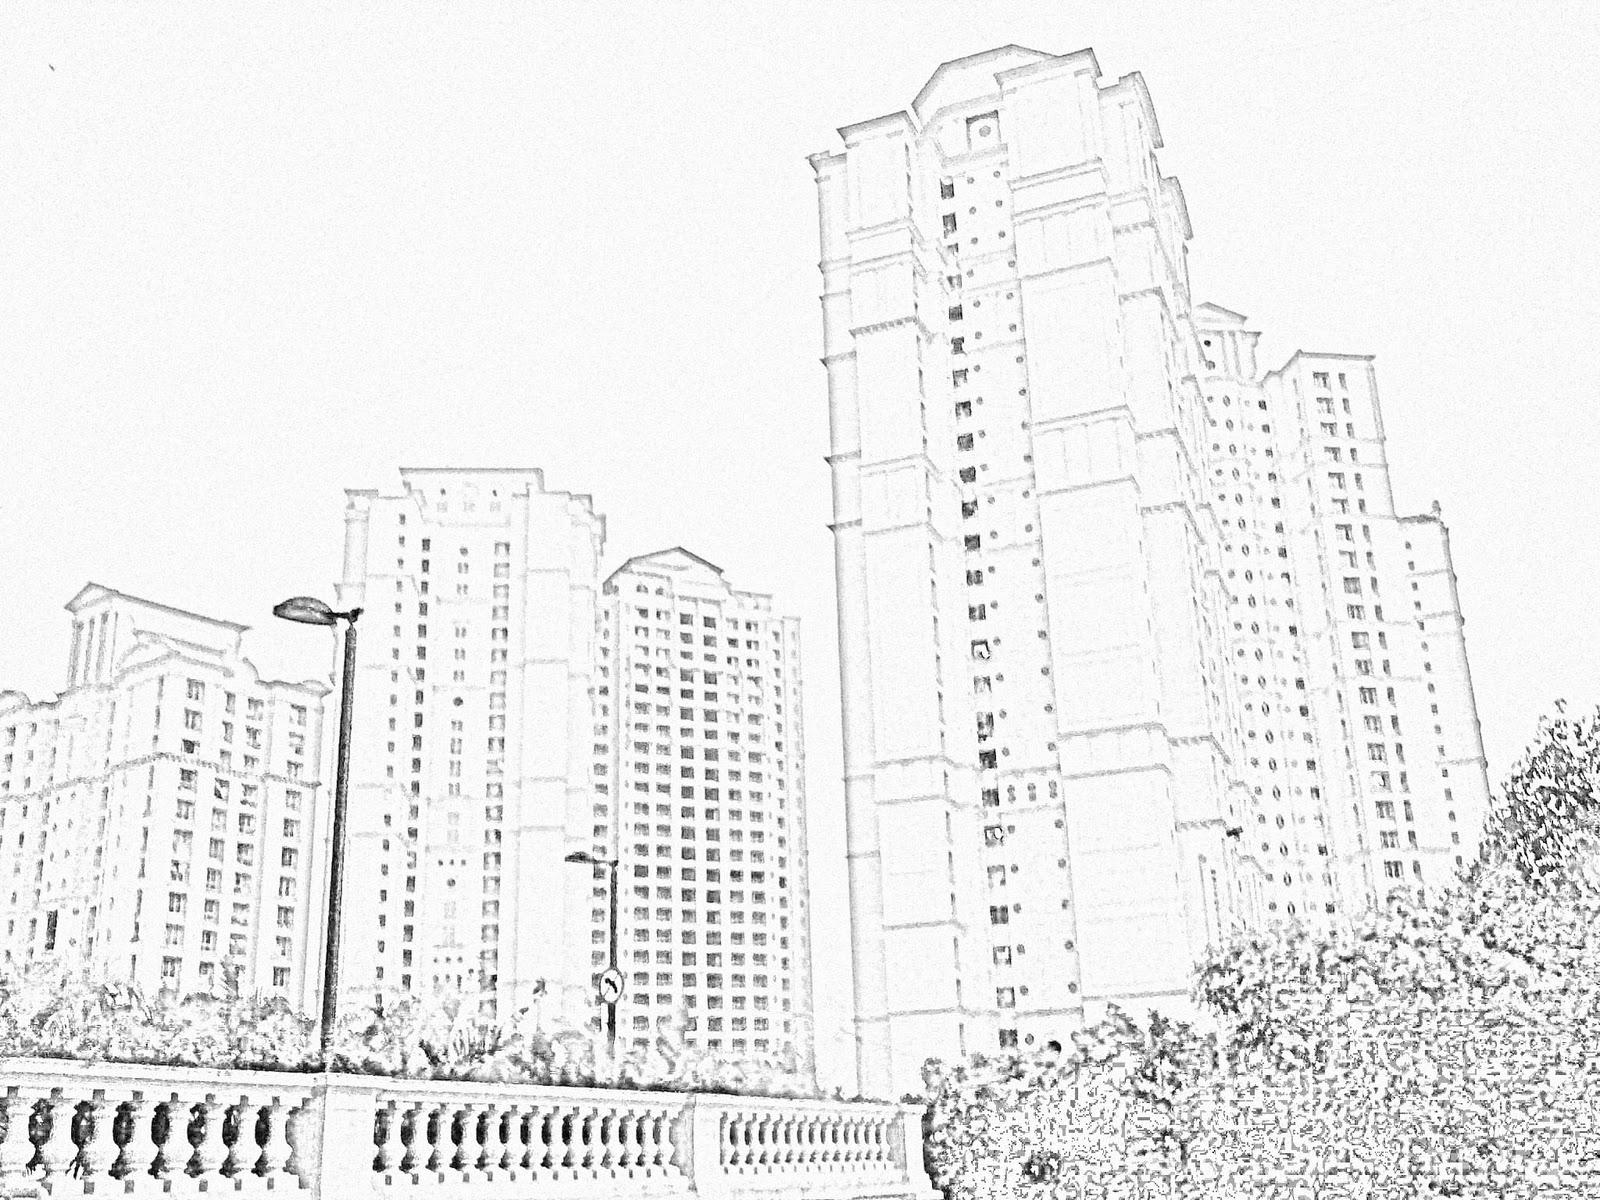 Pencil sketch jpg